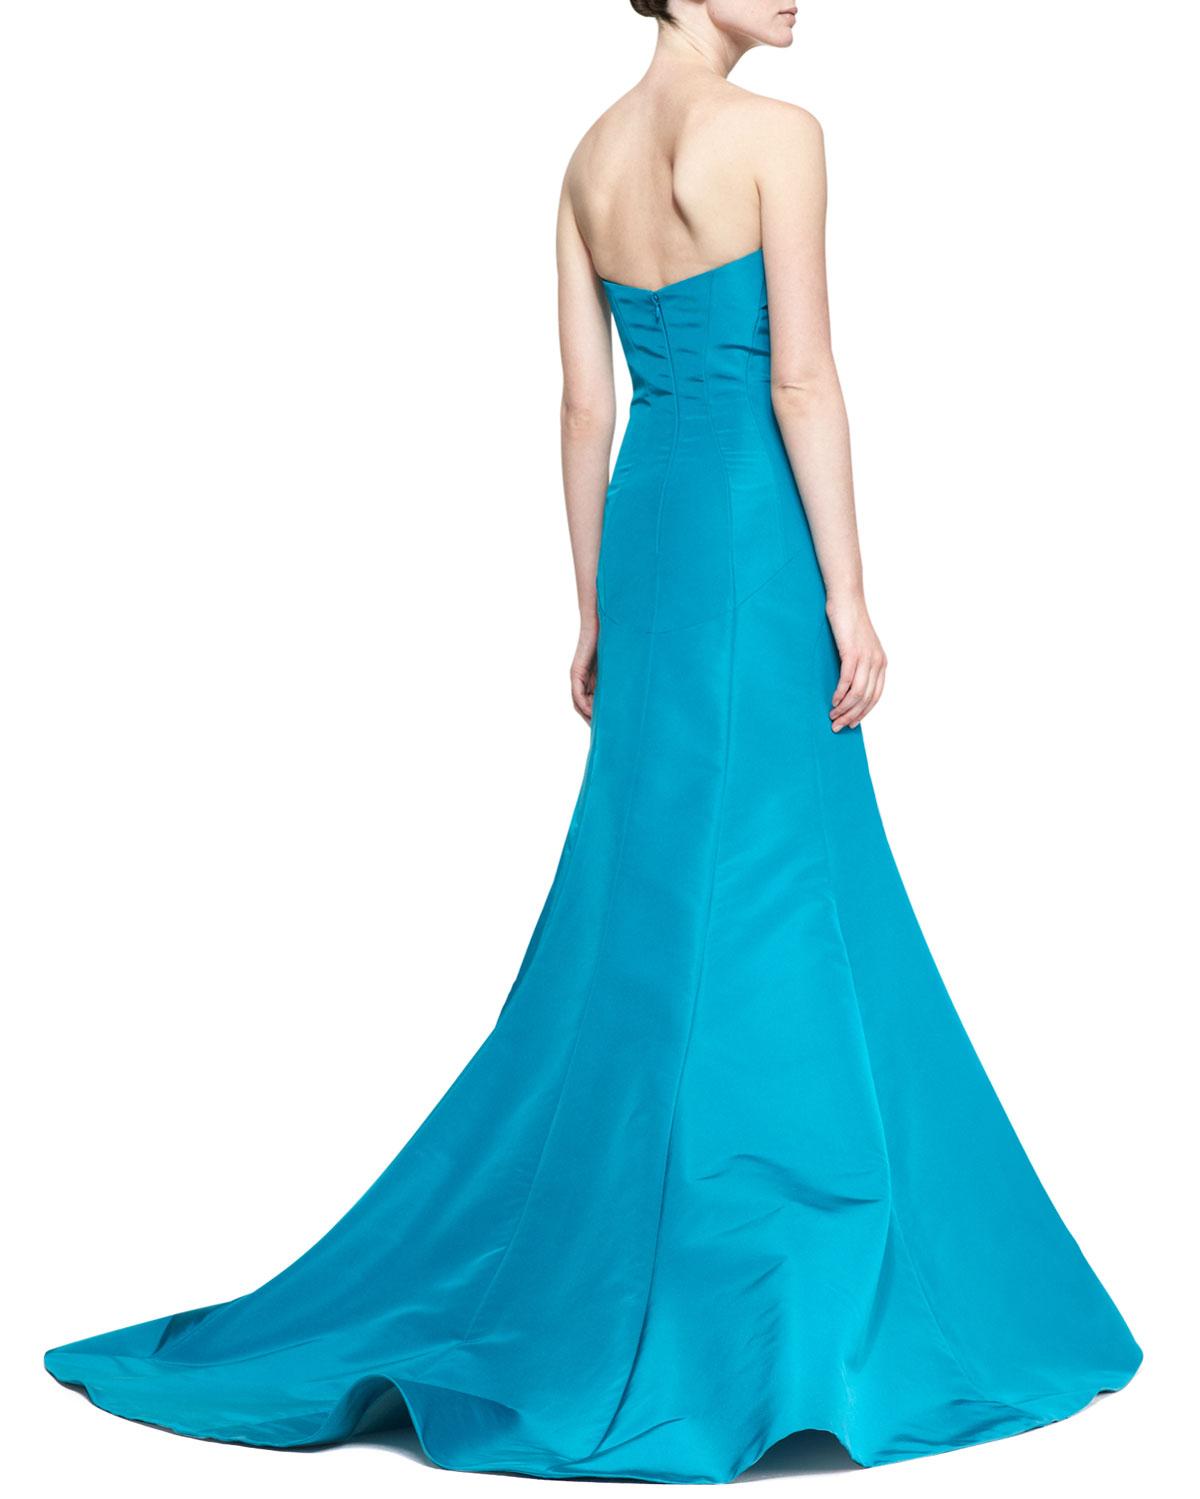 Carolina Herrera Strapless Evening Gown in Blue - Lyst